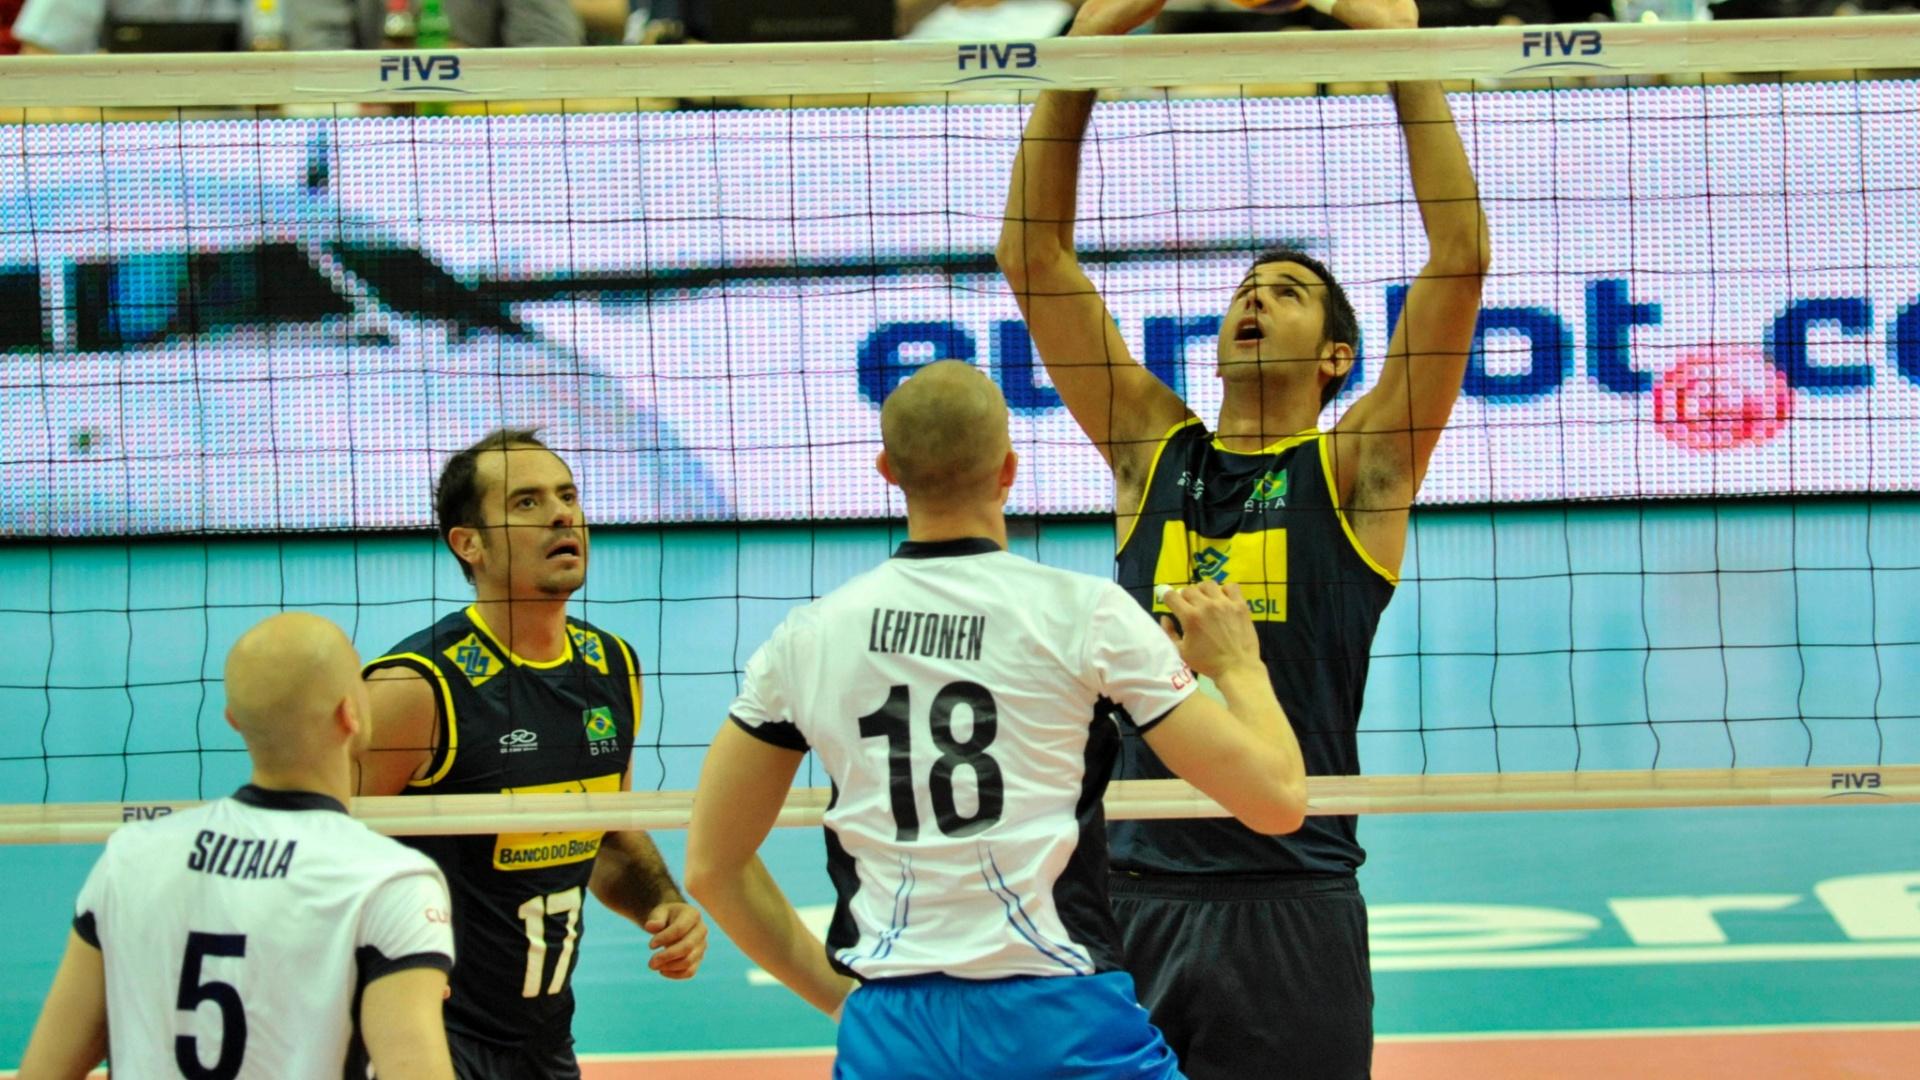 Dante faz recepção para o Brasil no jogo contra a Finlândia, em Katowice (POL), pela segunda rodada da Liga Mundial